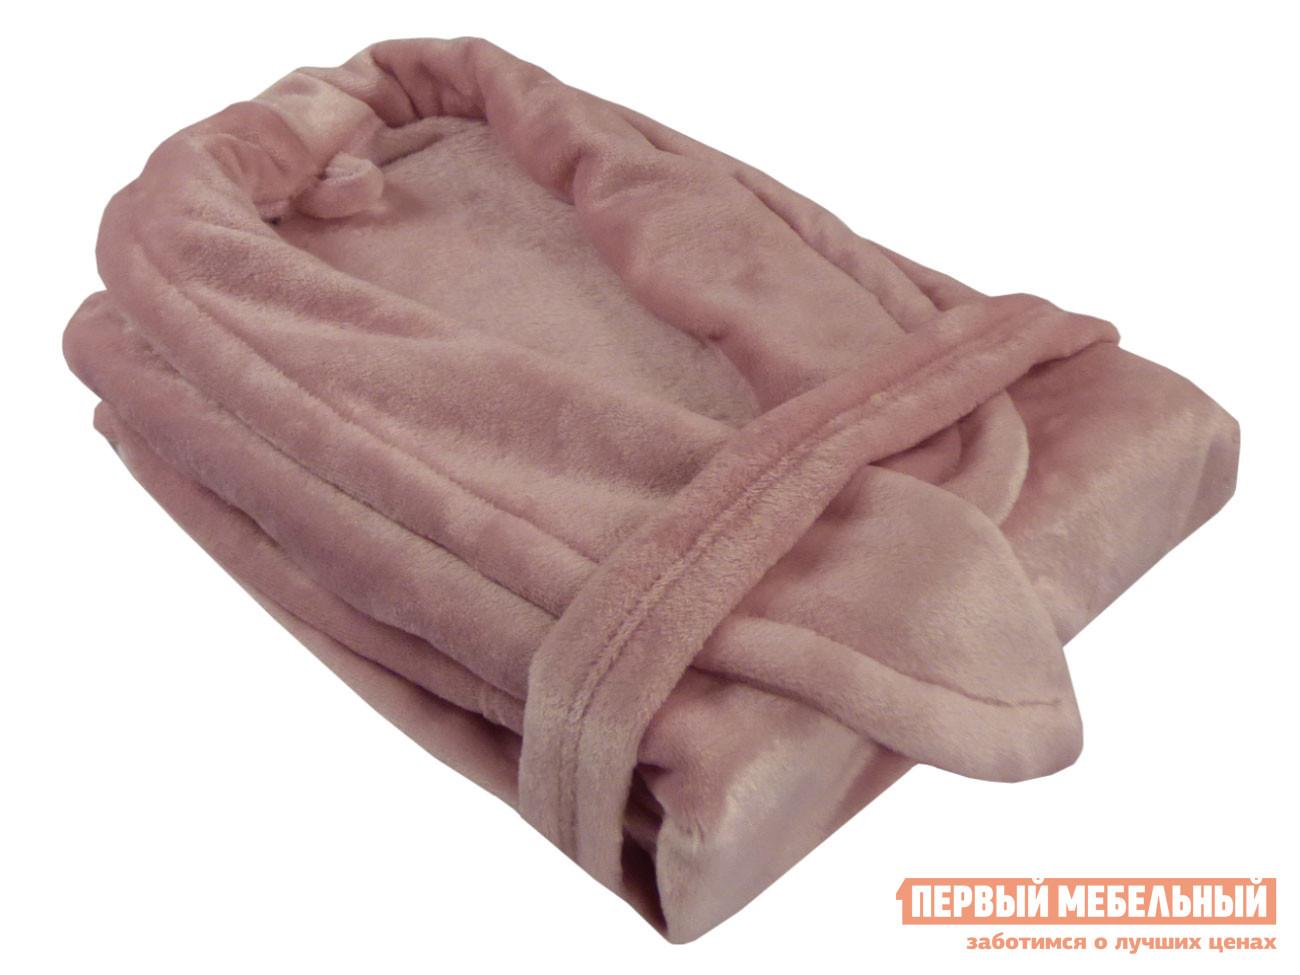 Женский халат Первый Мебельный Халат из микрофибры женский дымчатая роза Бельвита